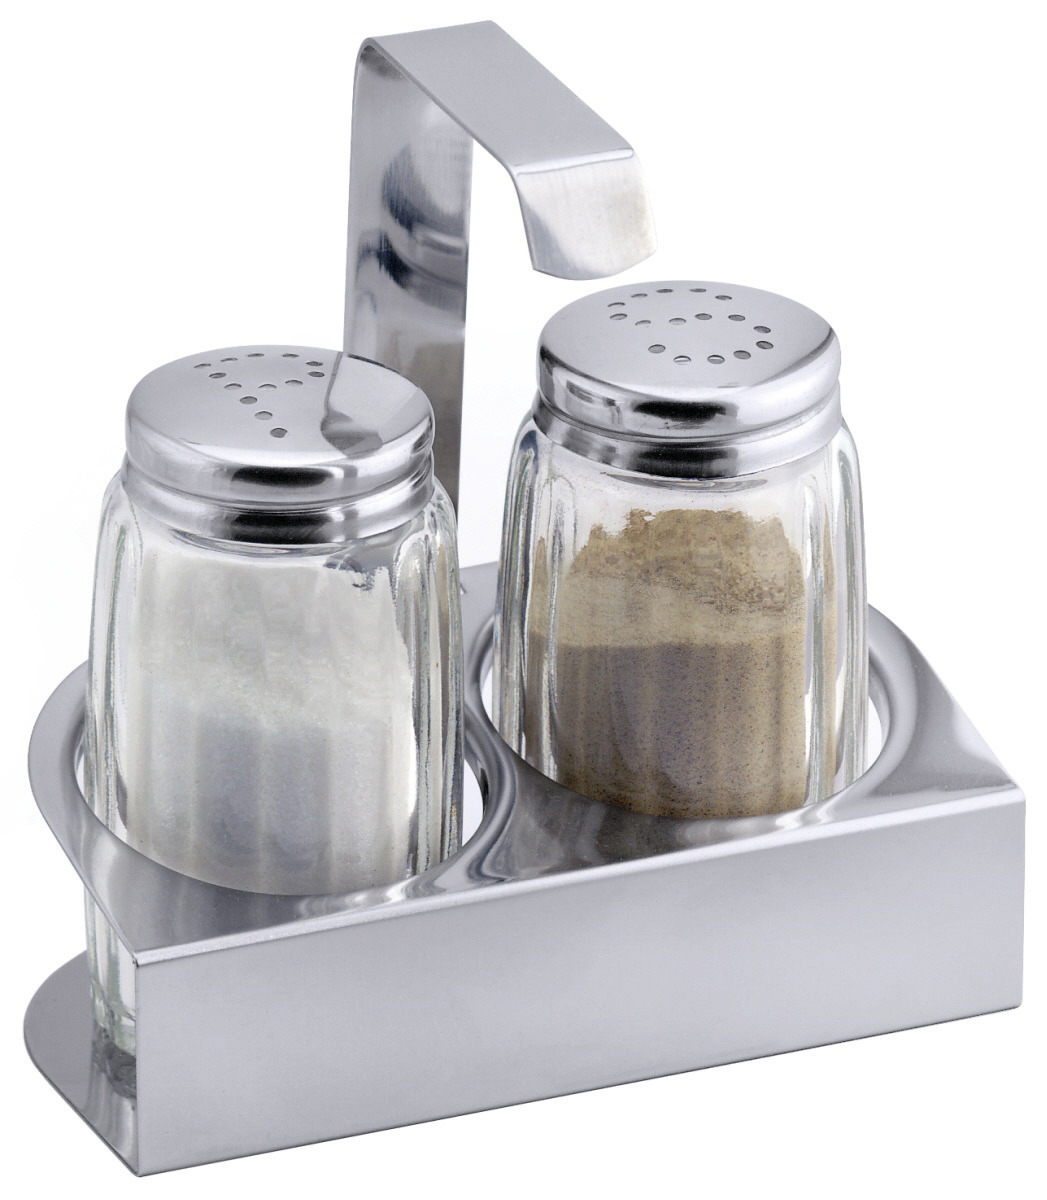 Salz- / Pfeffer-Menage 2-tlg. 100 x 53 x 115 mm hochglänzend